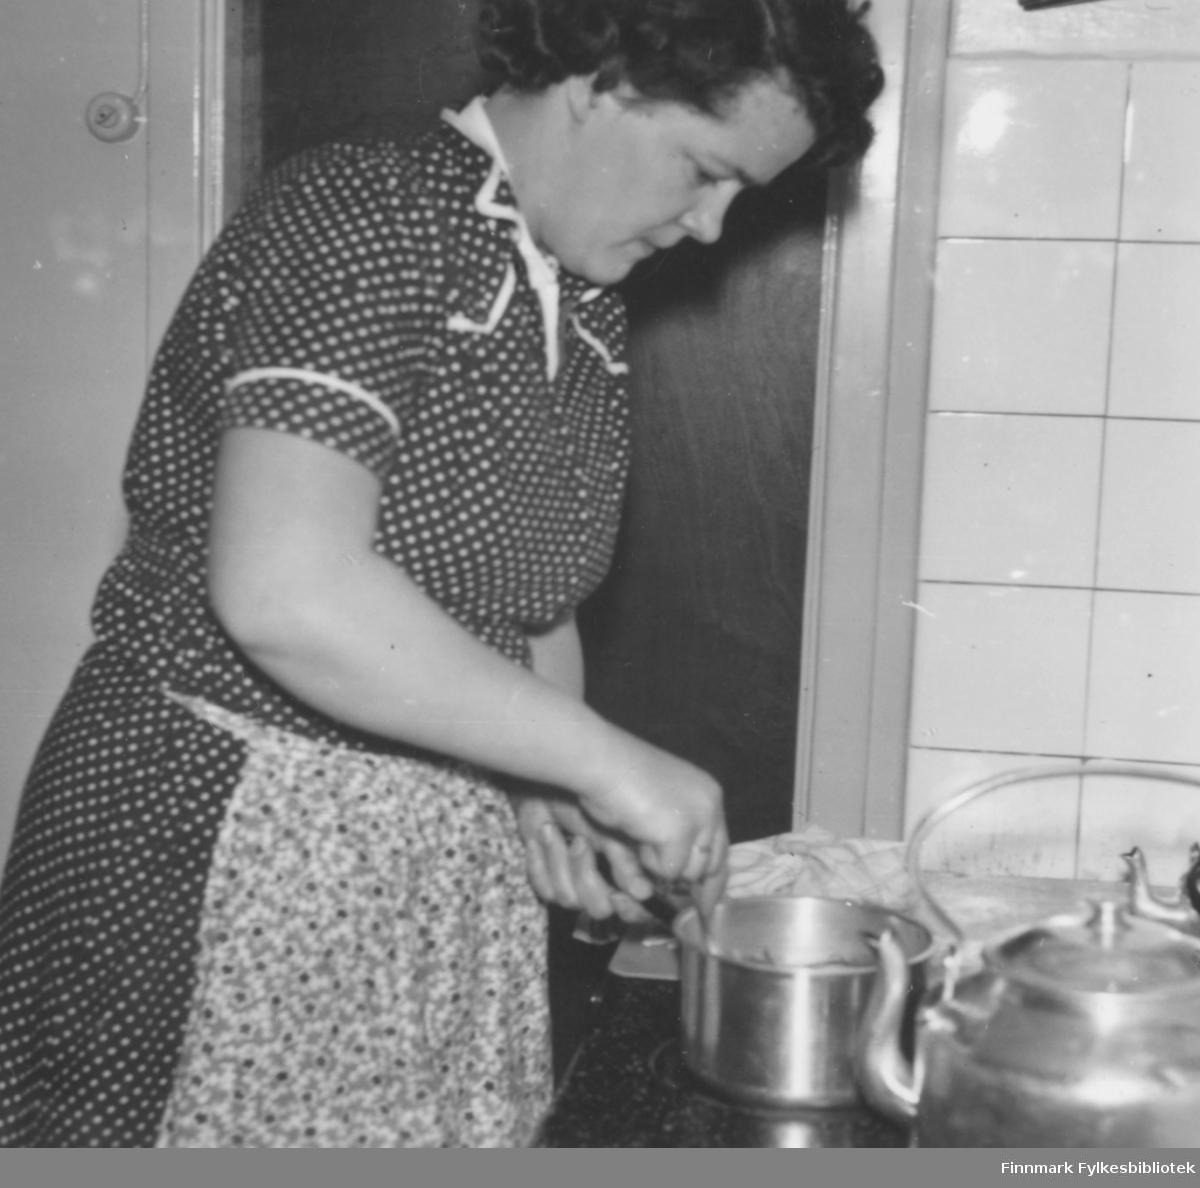 Ragnhild Ebeltoft lager mat ved komfyren